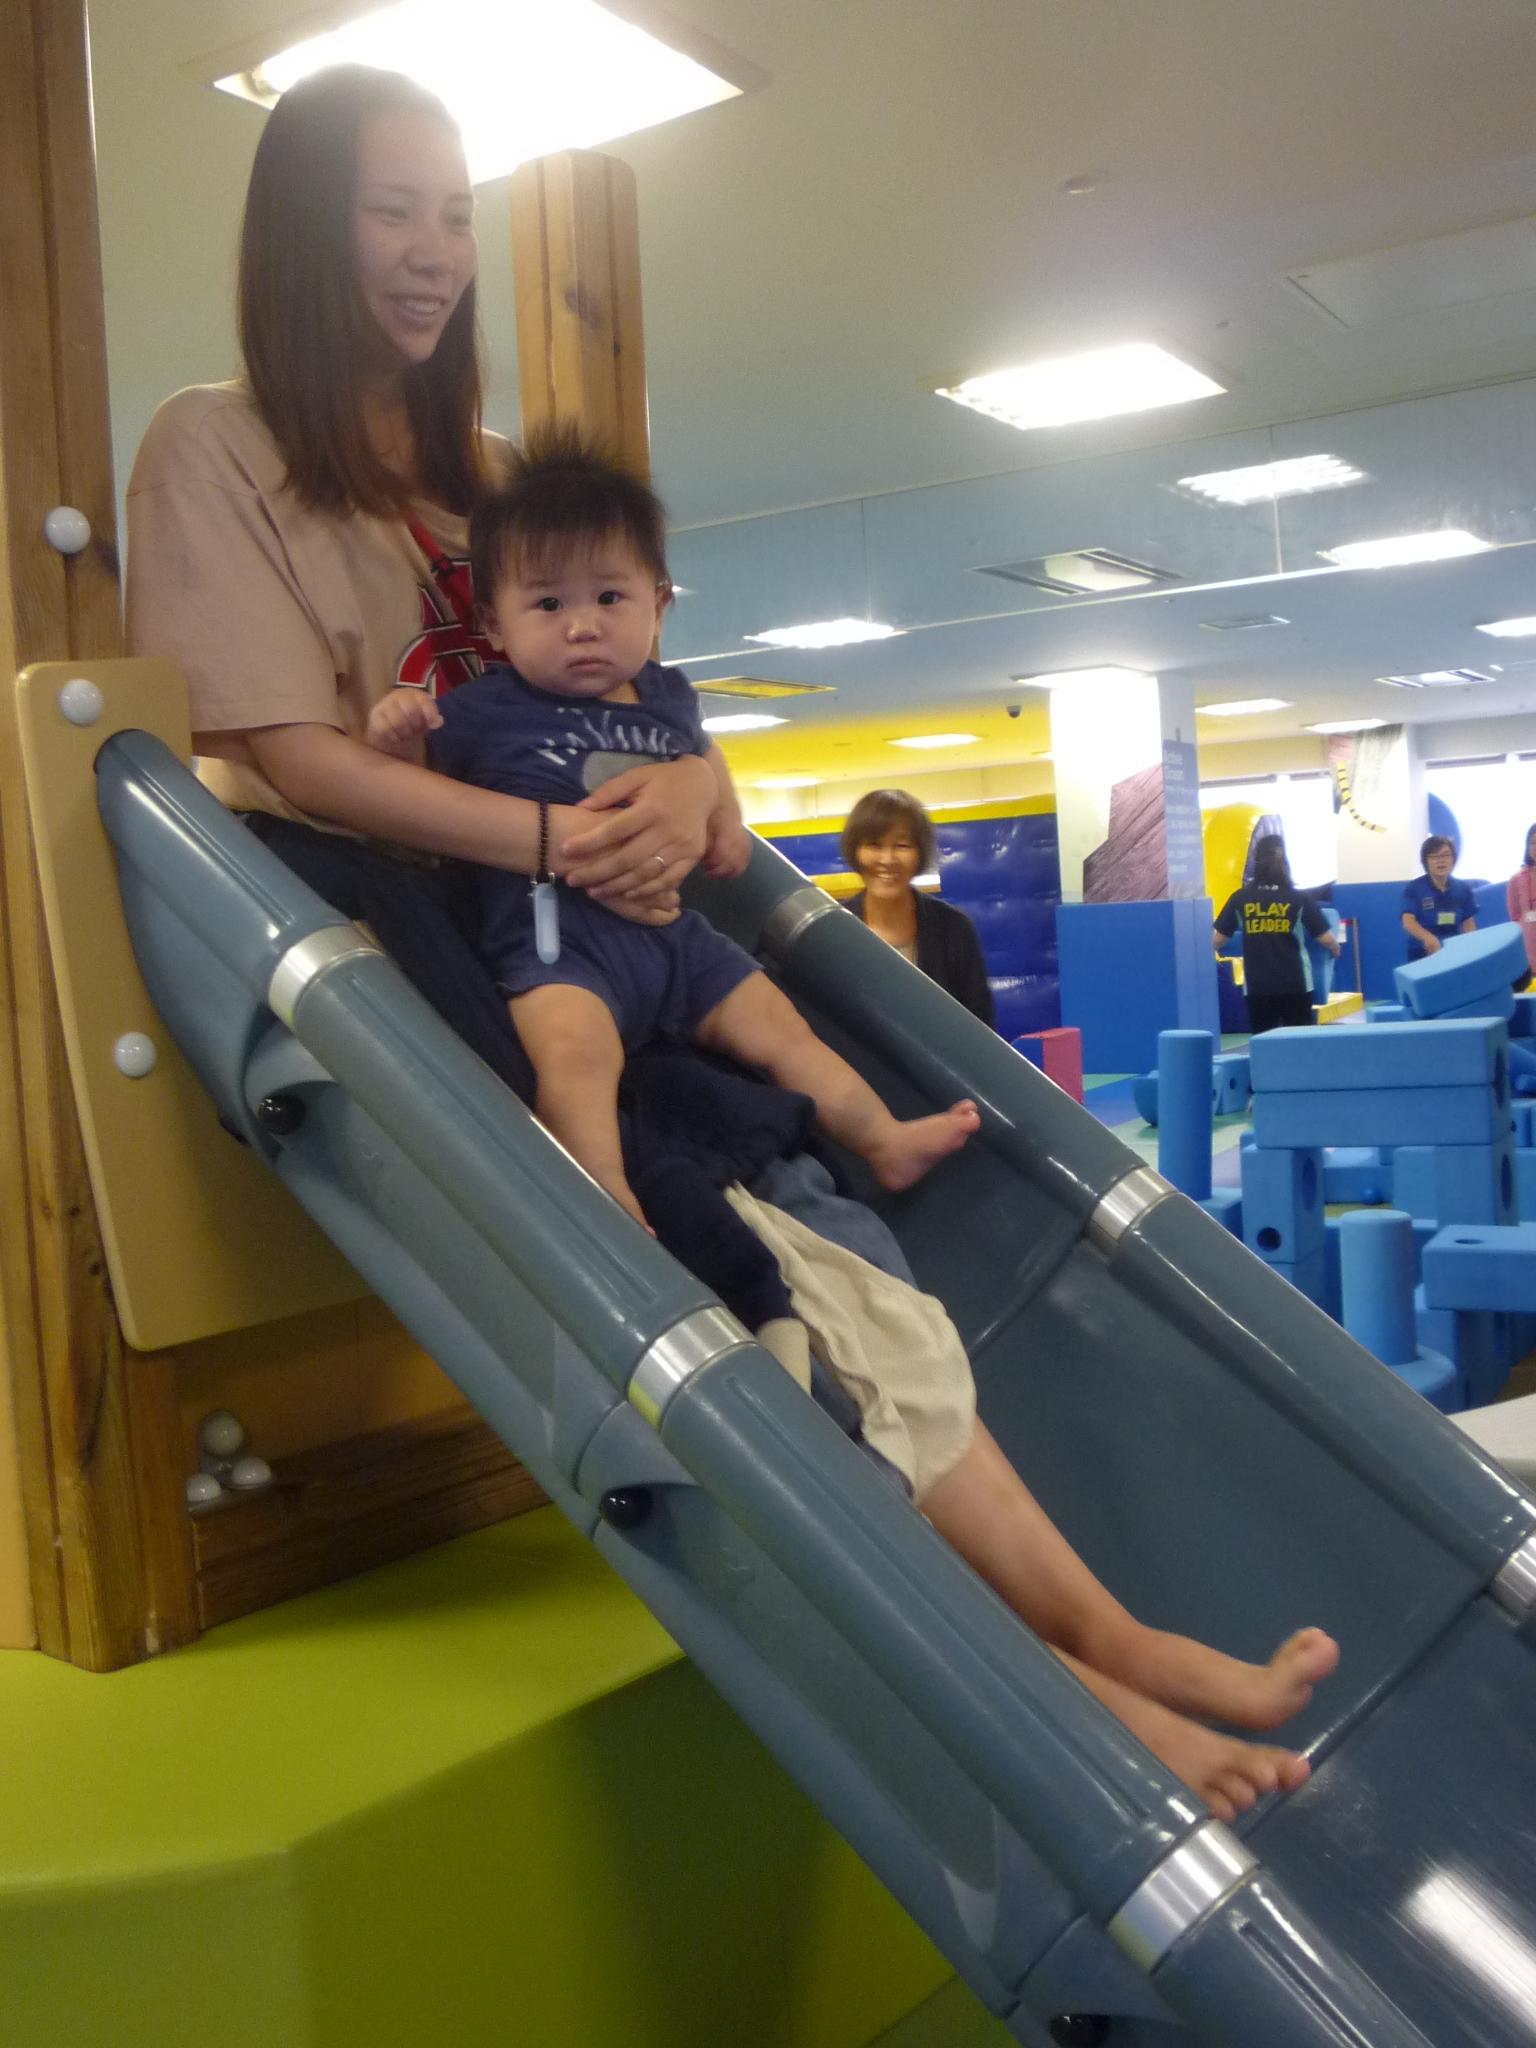 6月28日(木) 赤ちゃんの日「からだあそび」イベントの報告